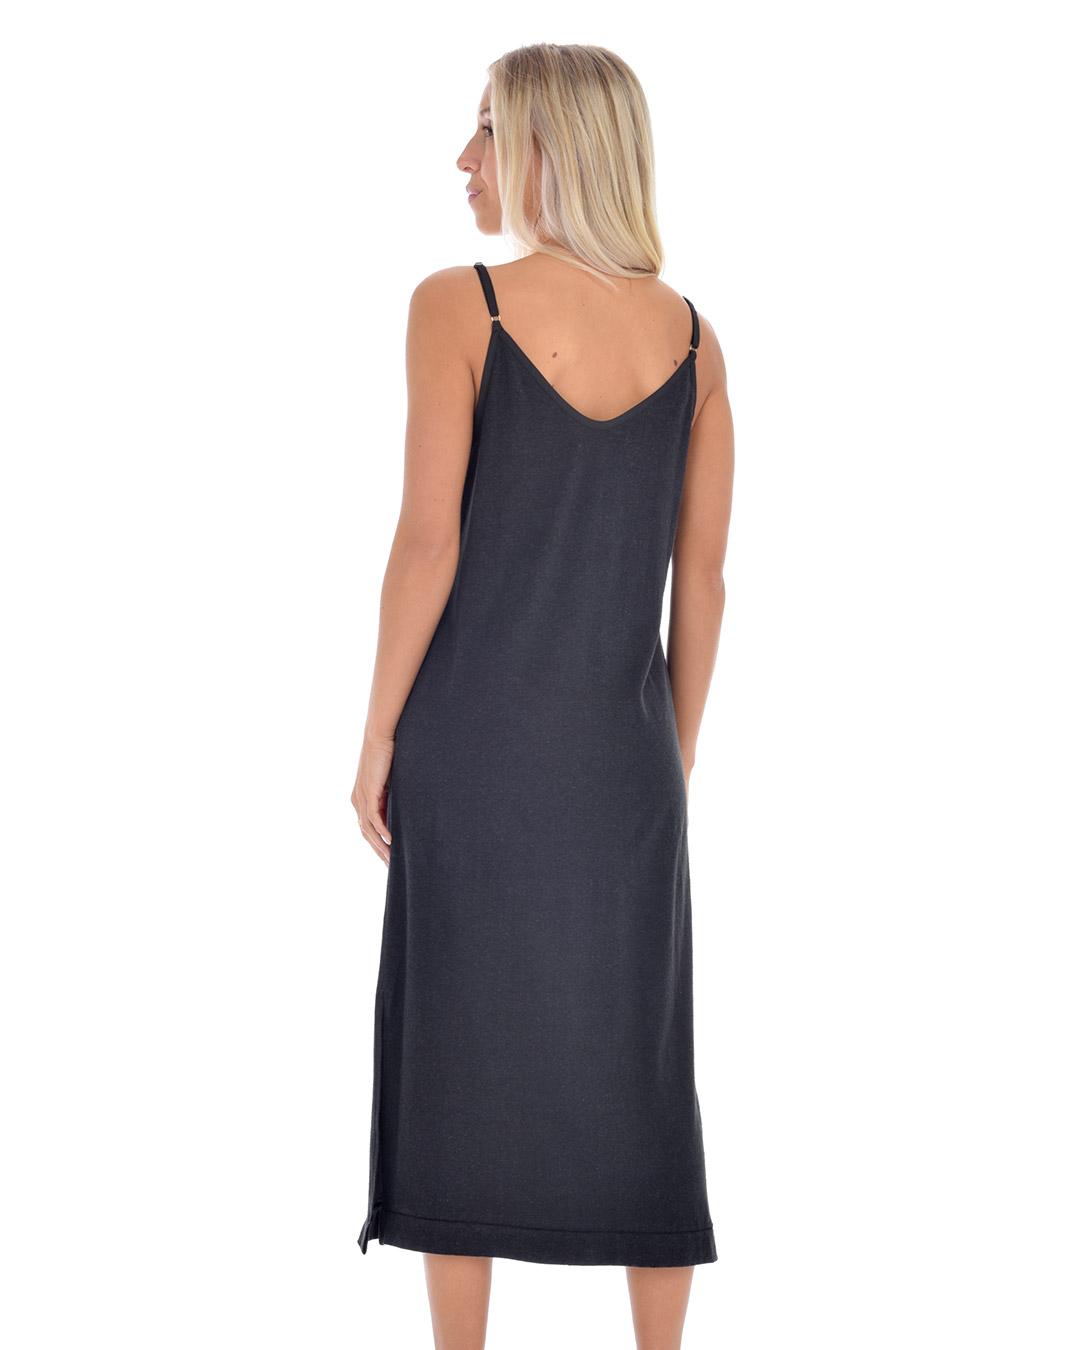 paper-label-jewel-dress-03-dianes-lingerie-vancouver-1080x1350